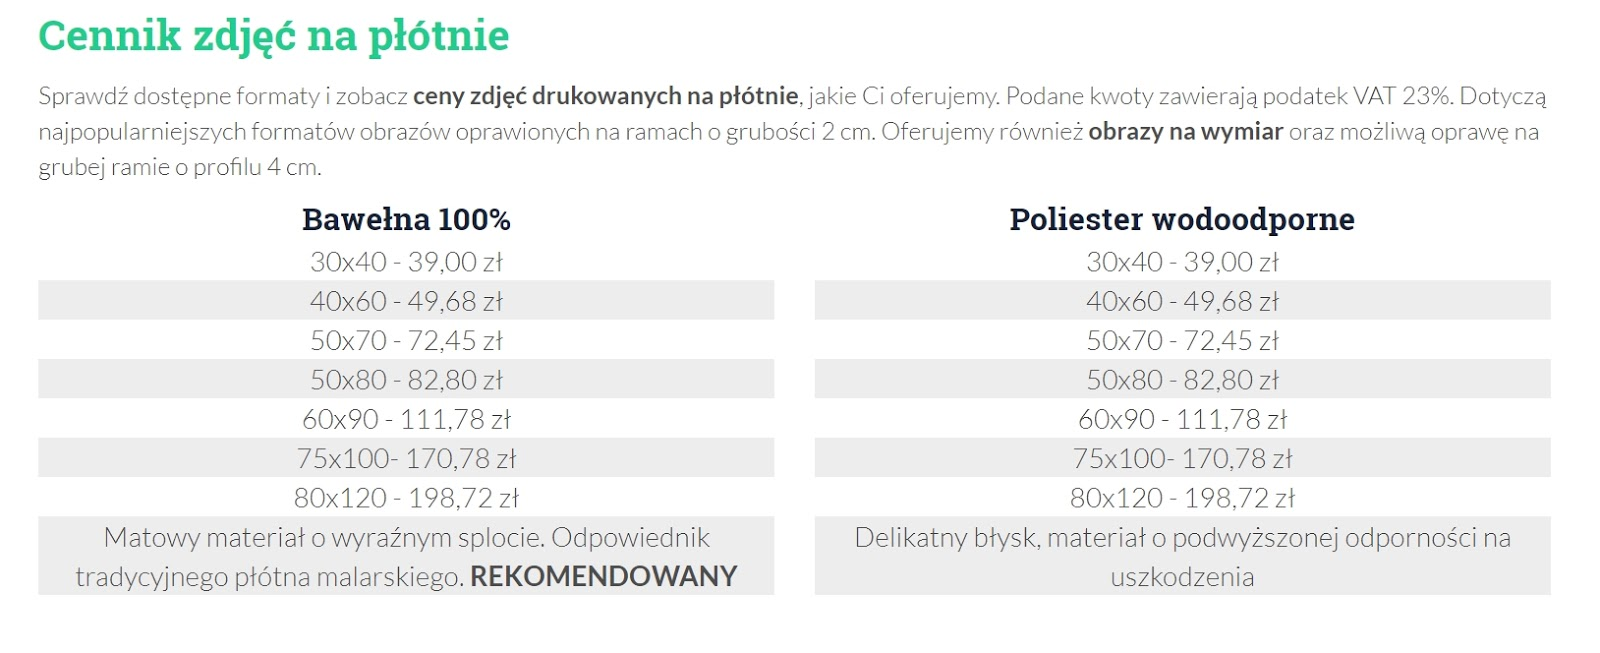 cennik zdjec na płótnie galeriadruku.com.pl